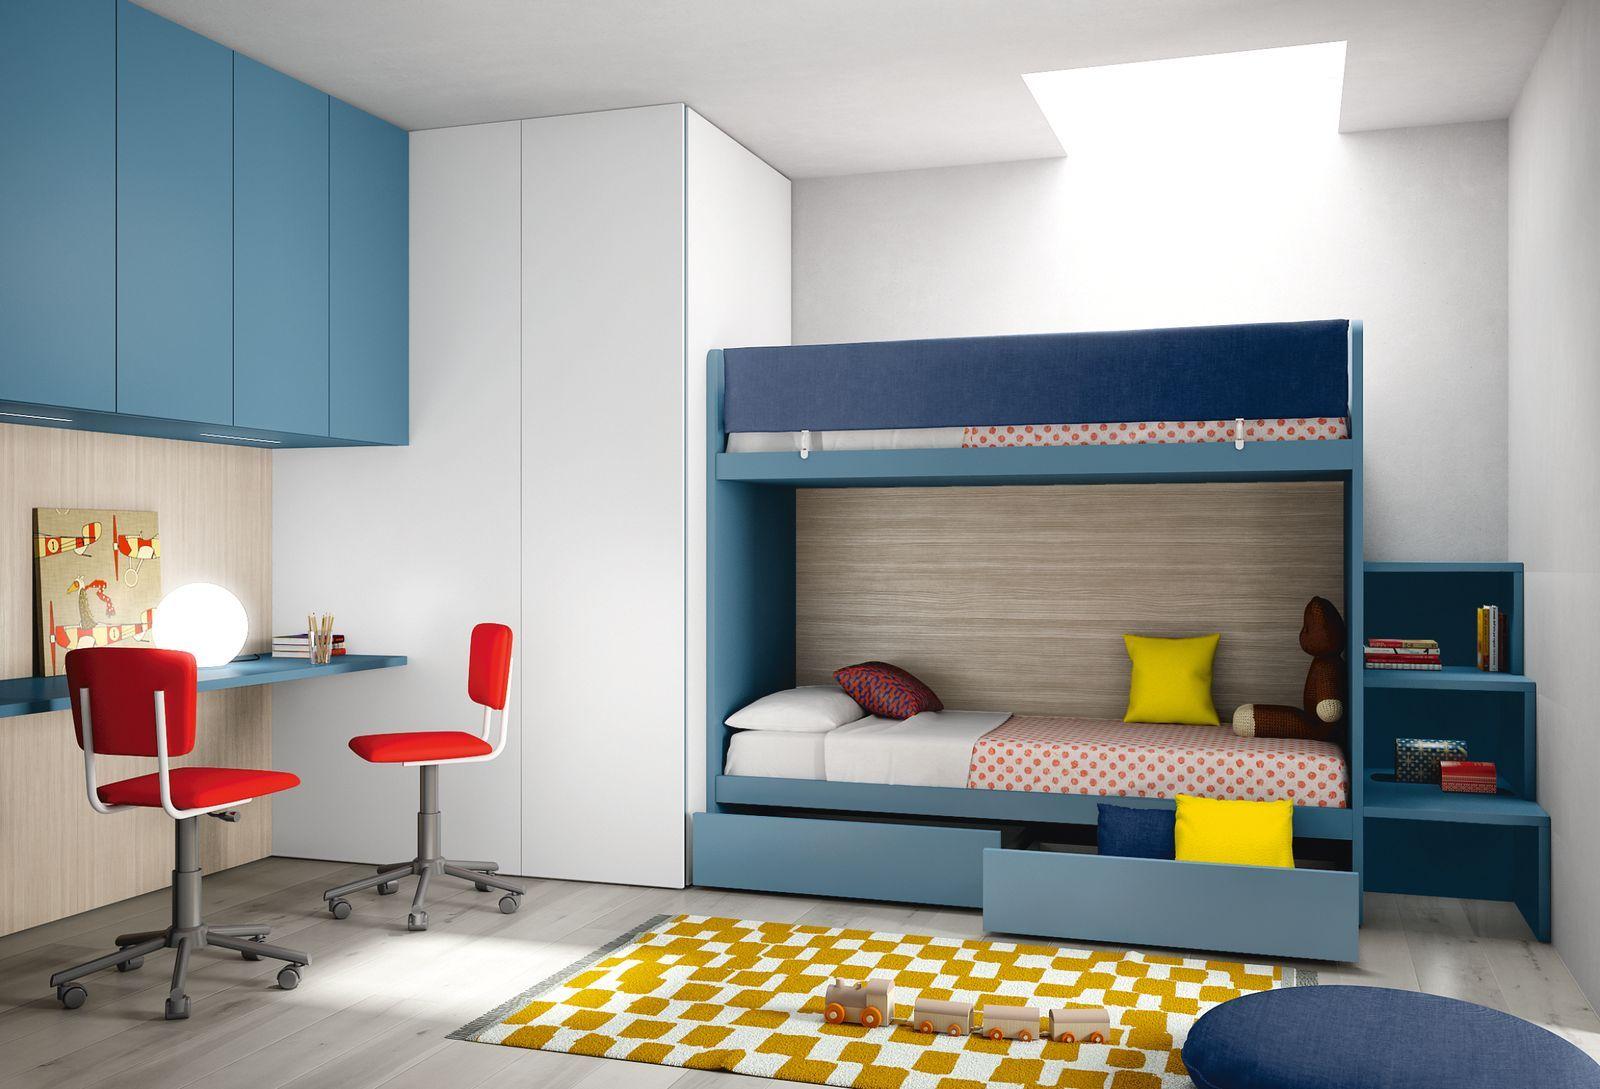 Cameretta moderna design componibile su misura per bambini e